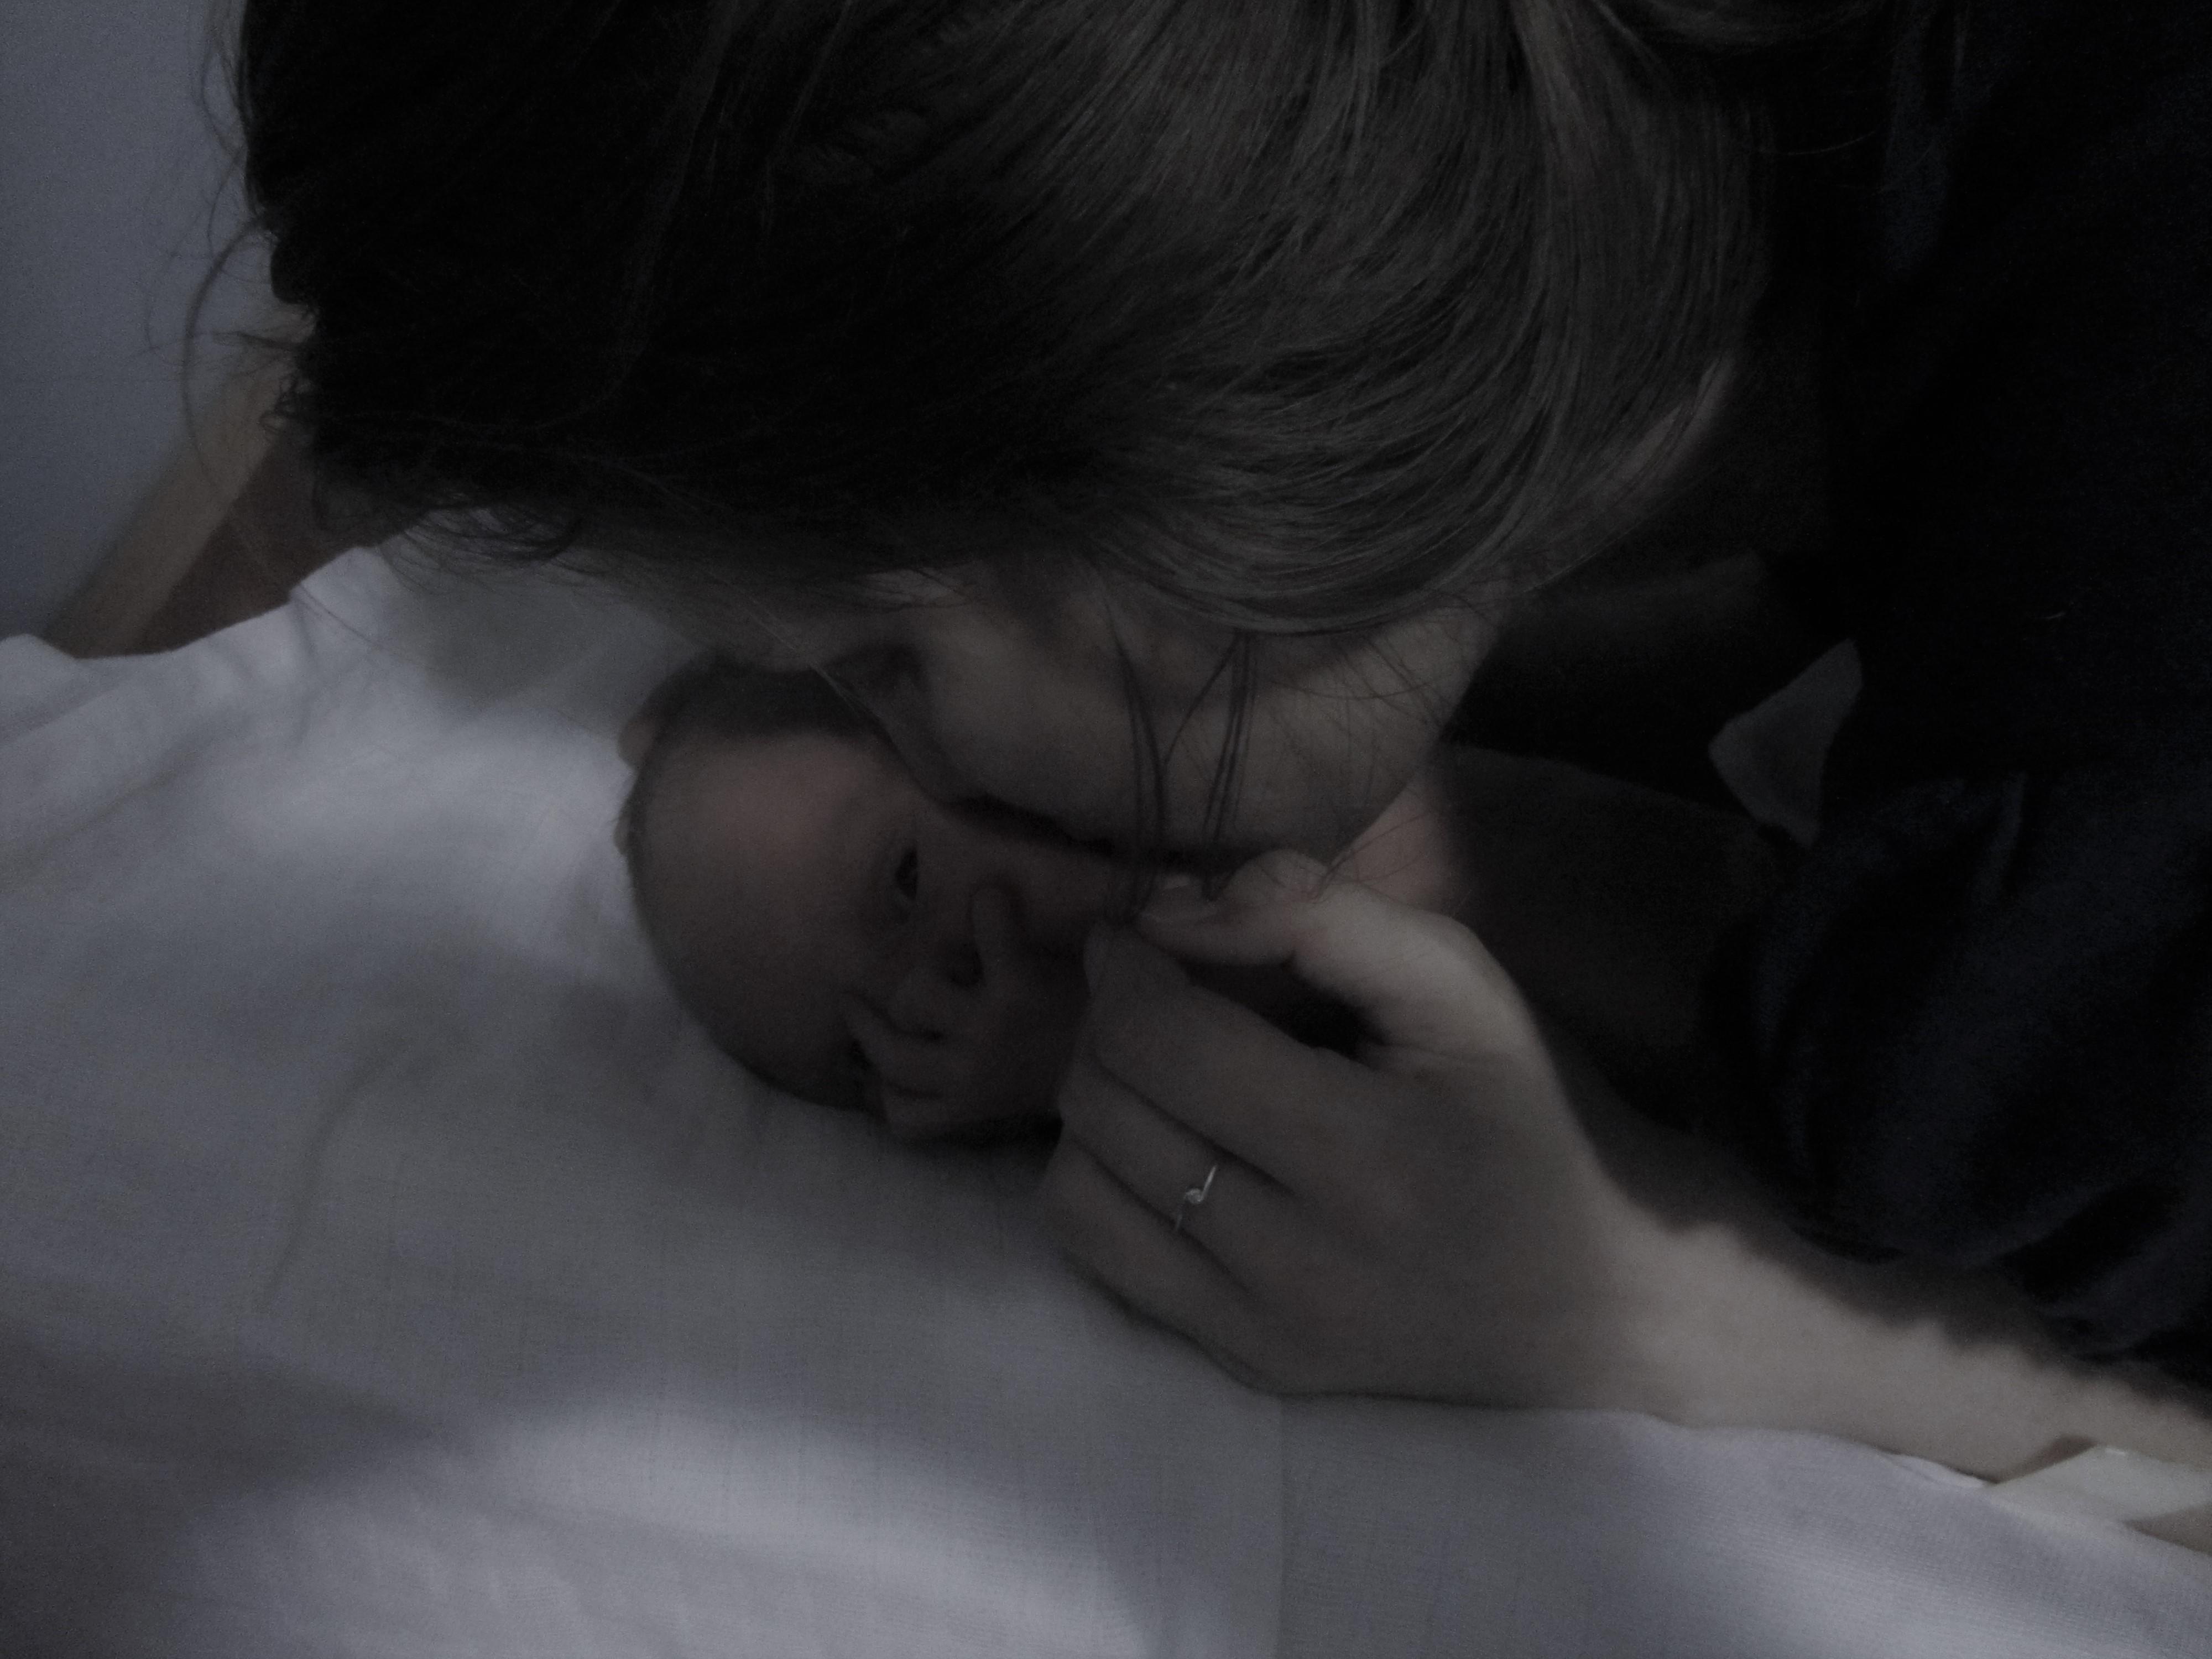 """""""Életemben nem voltam semmiben ennyire bizonytalan"""" – A jó anyára számtalan szabály és elvárás vonatkozik"""